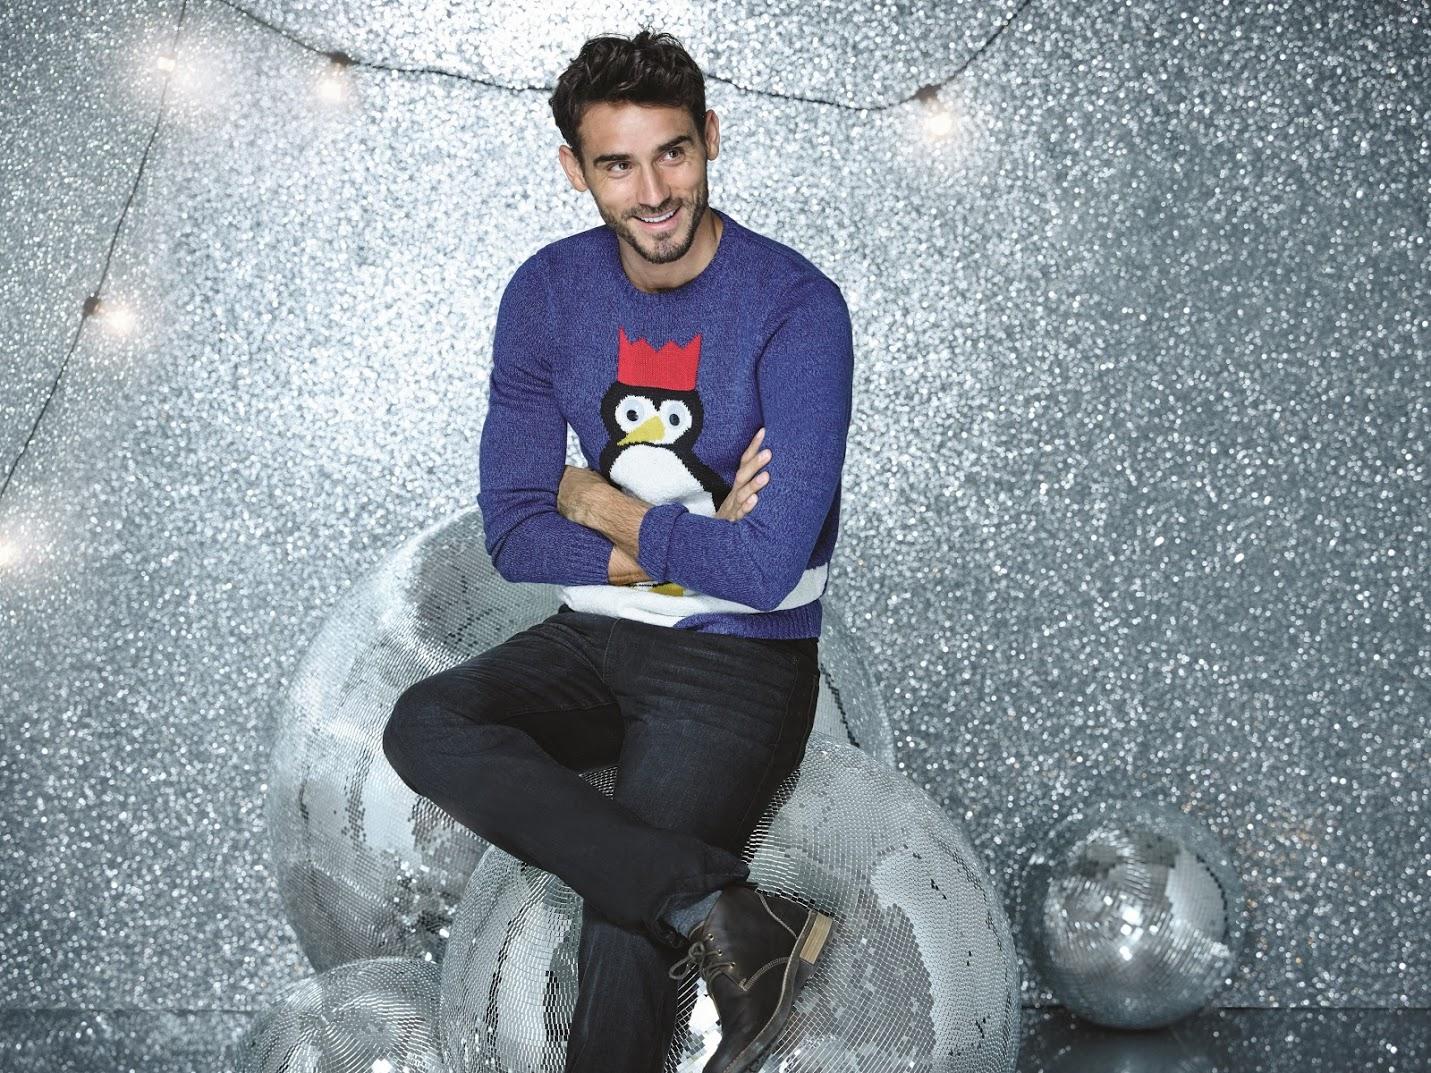 Vianočné večierky, či Silvestrovská párty budú s pánskou kolekciou F&F zaručene štýlové! 3